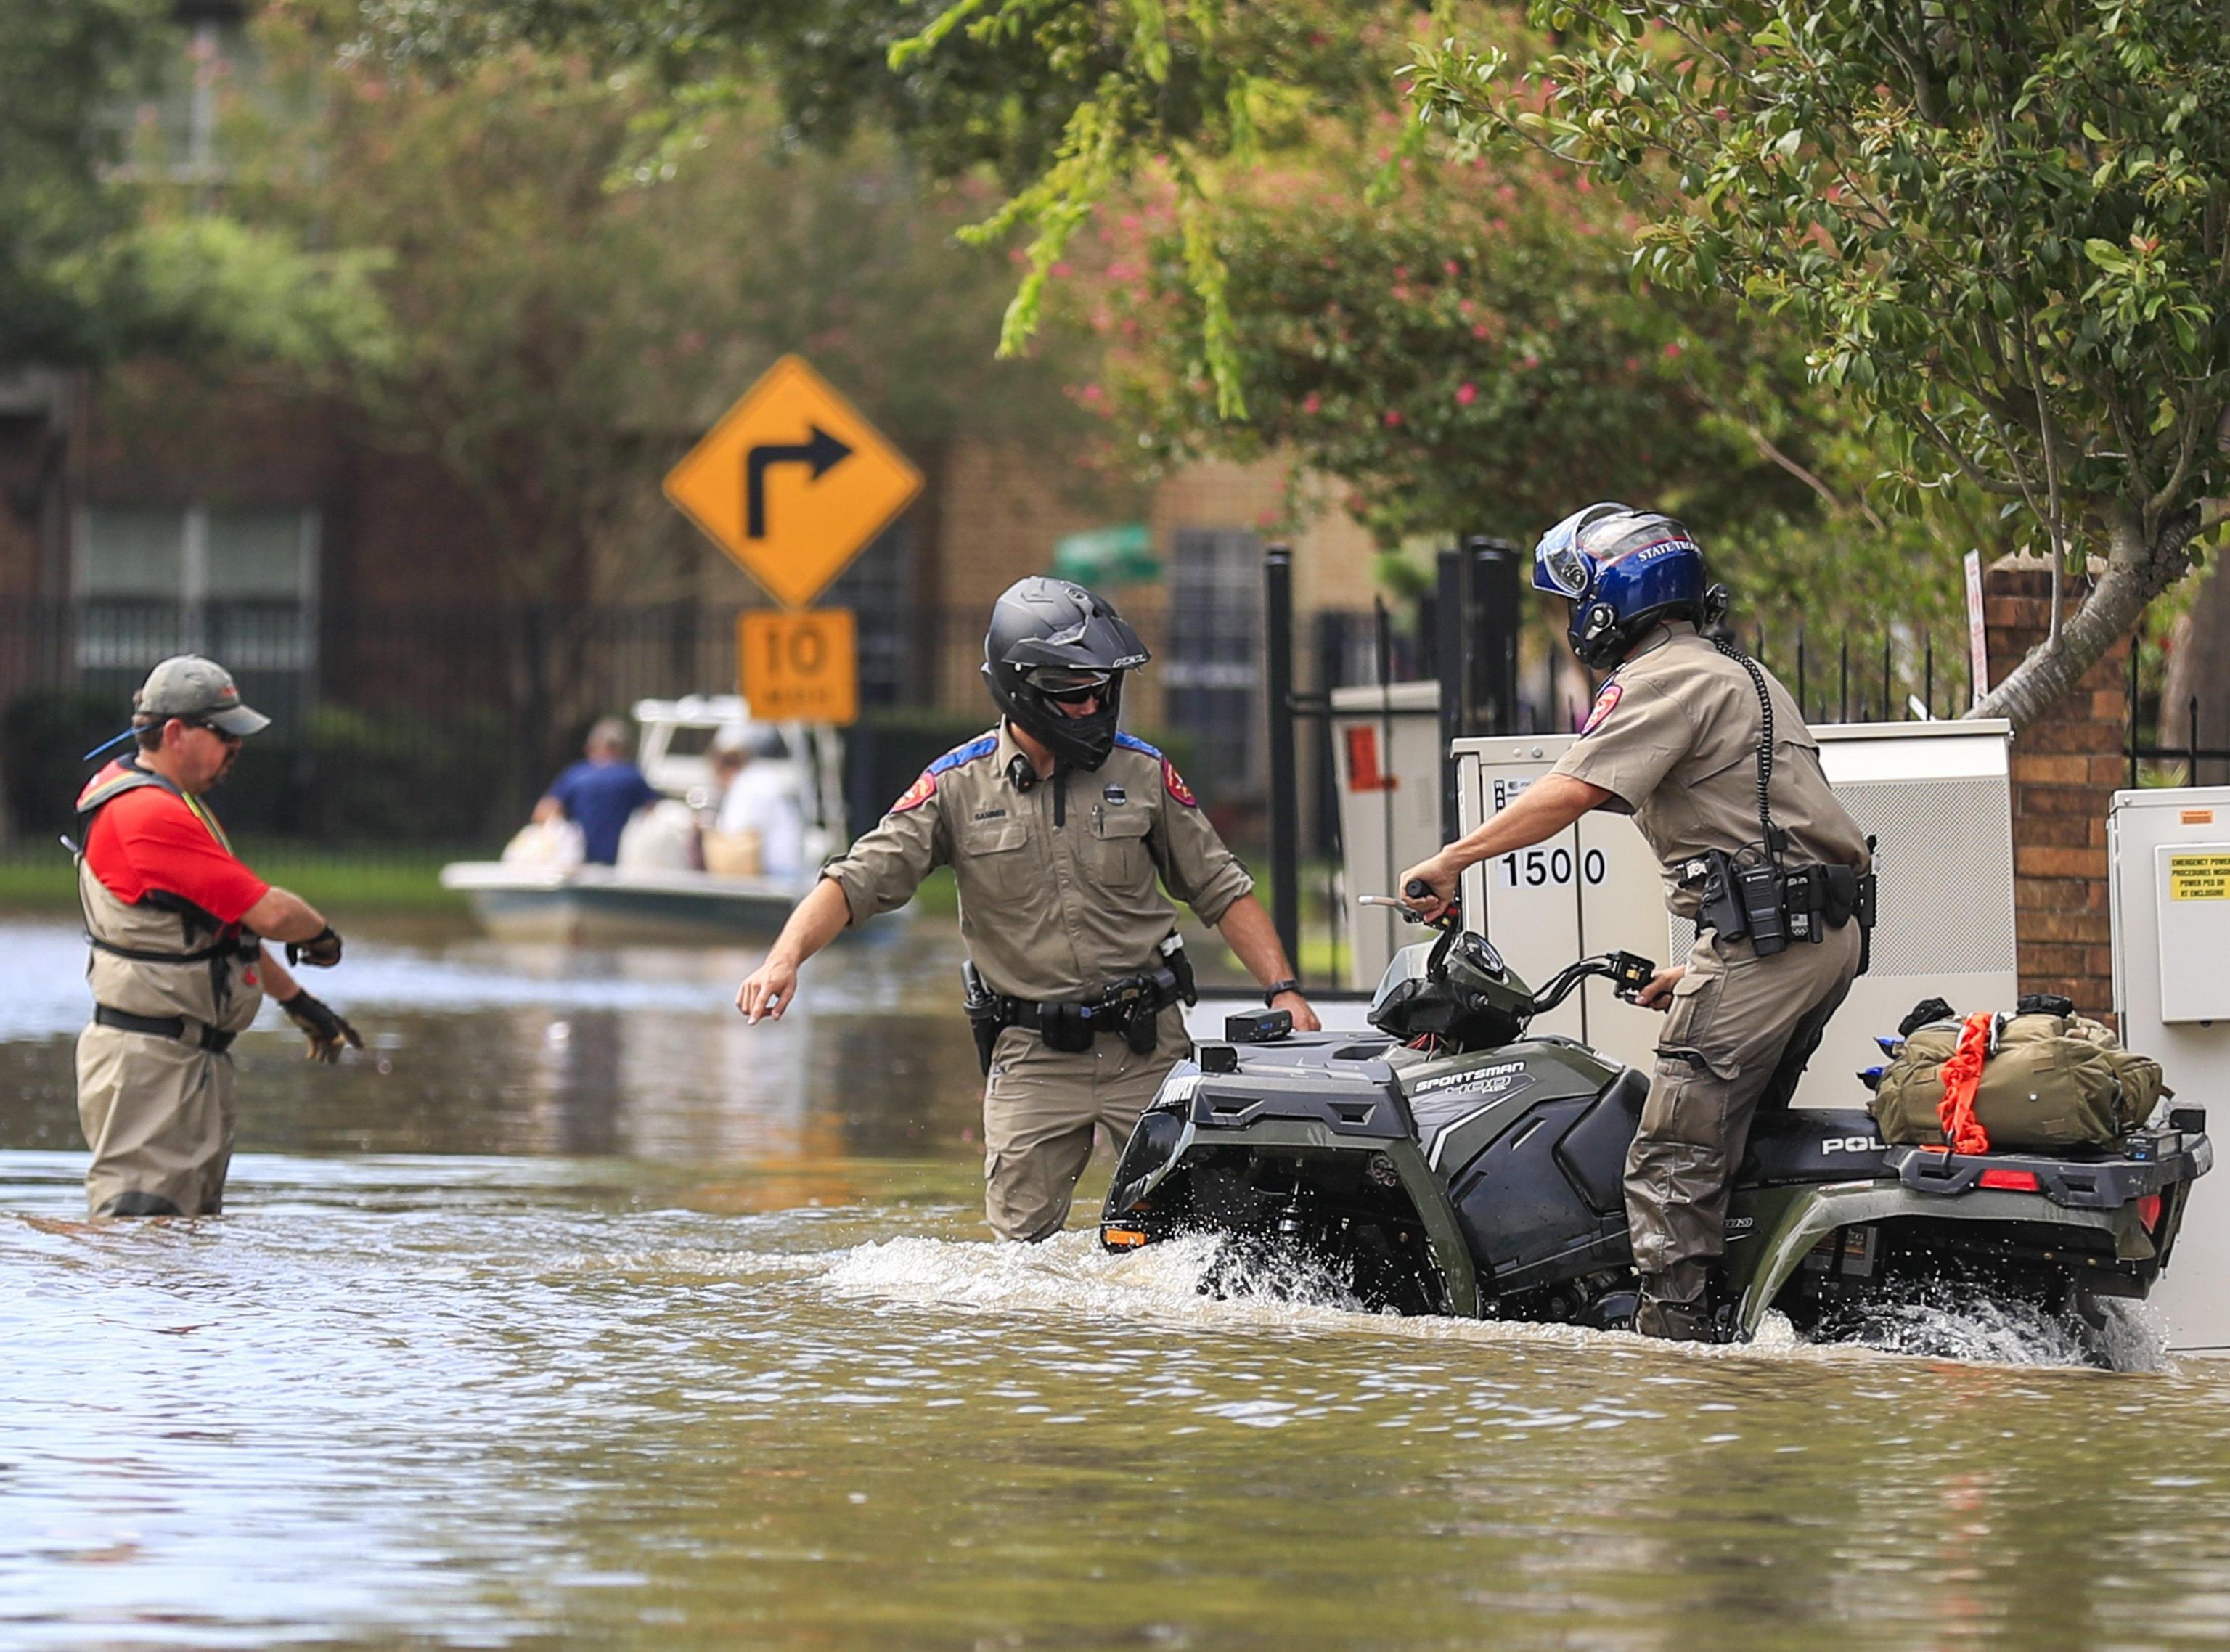 Harvey, l'uragano in Texas continua a fare vittime: morta donna per salvare la figlia di 3 anni